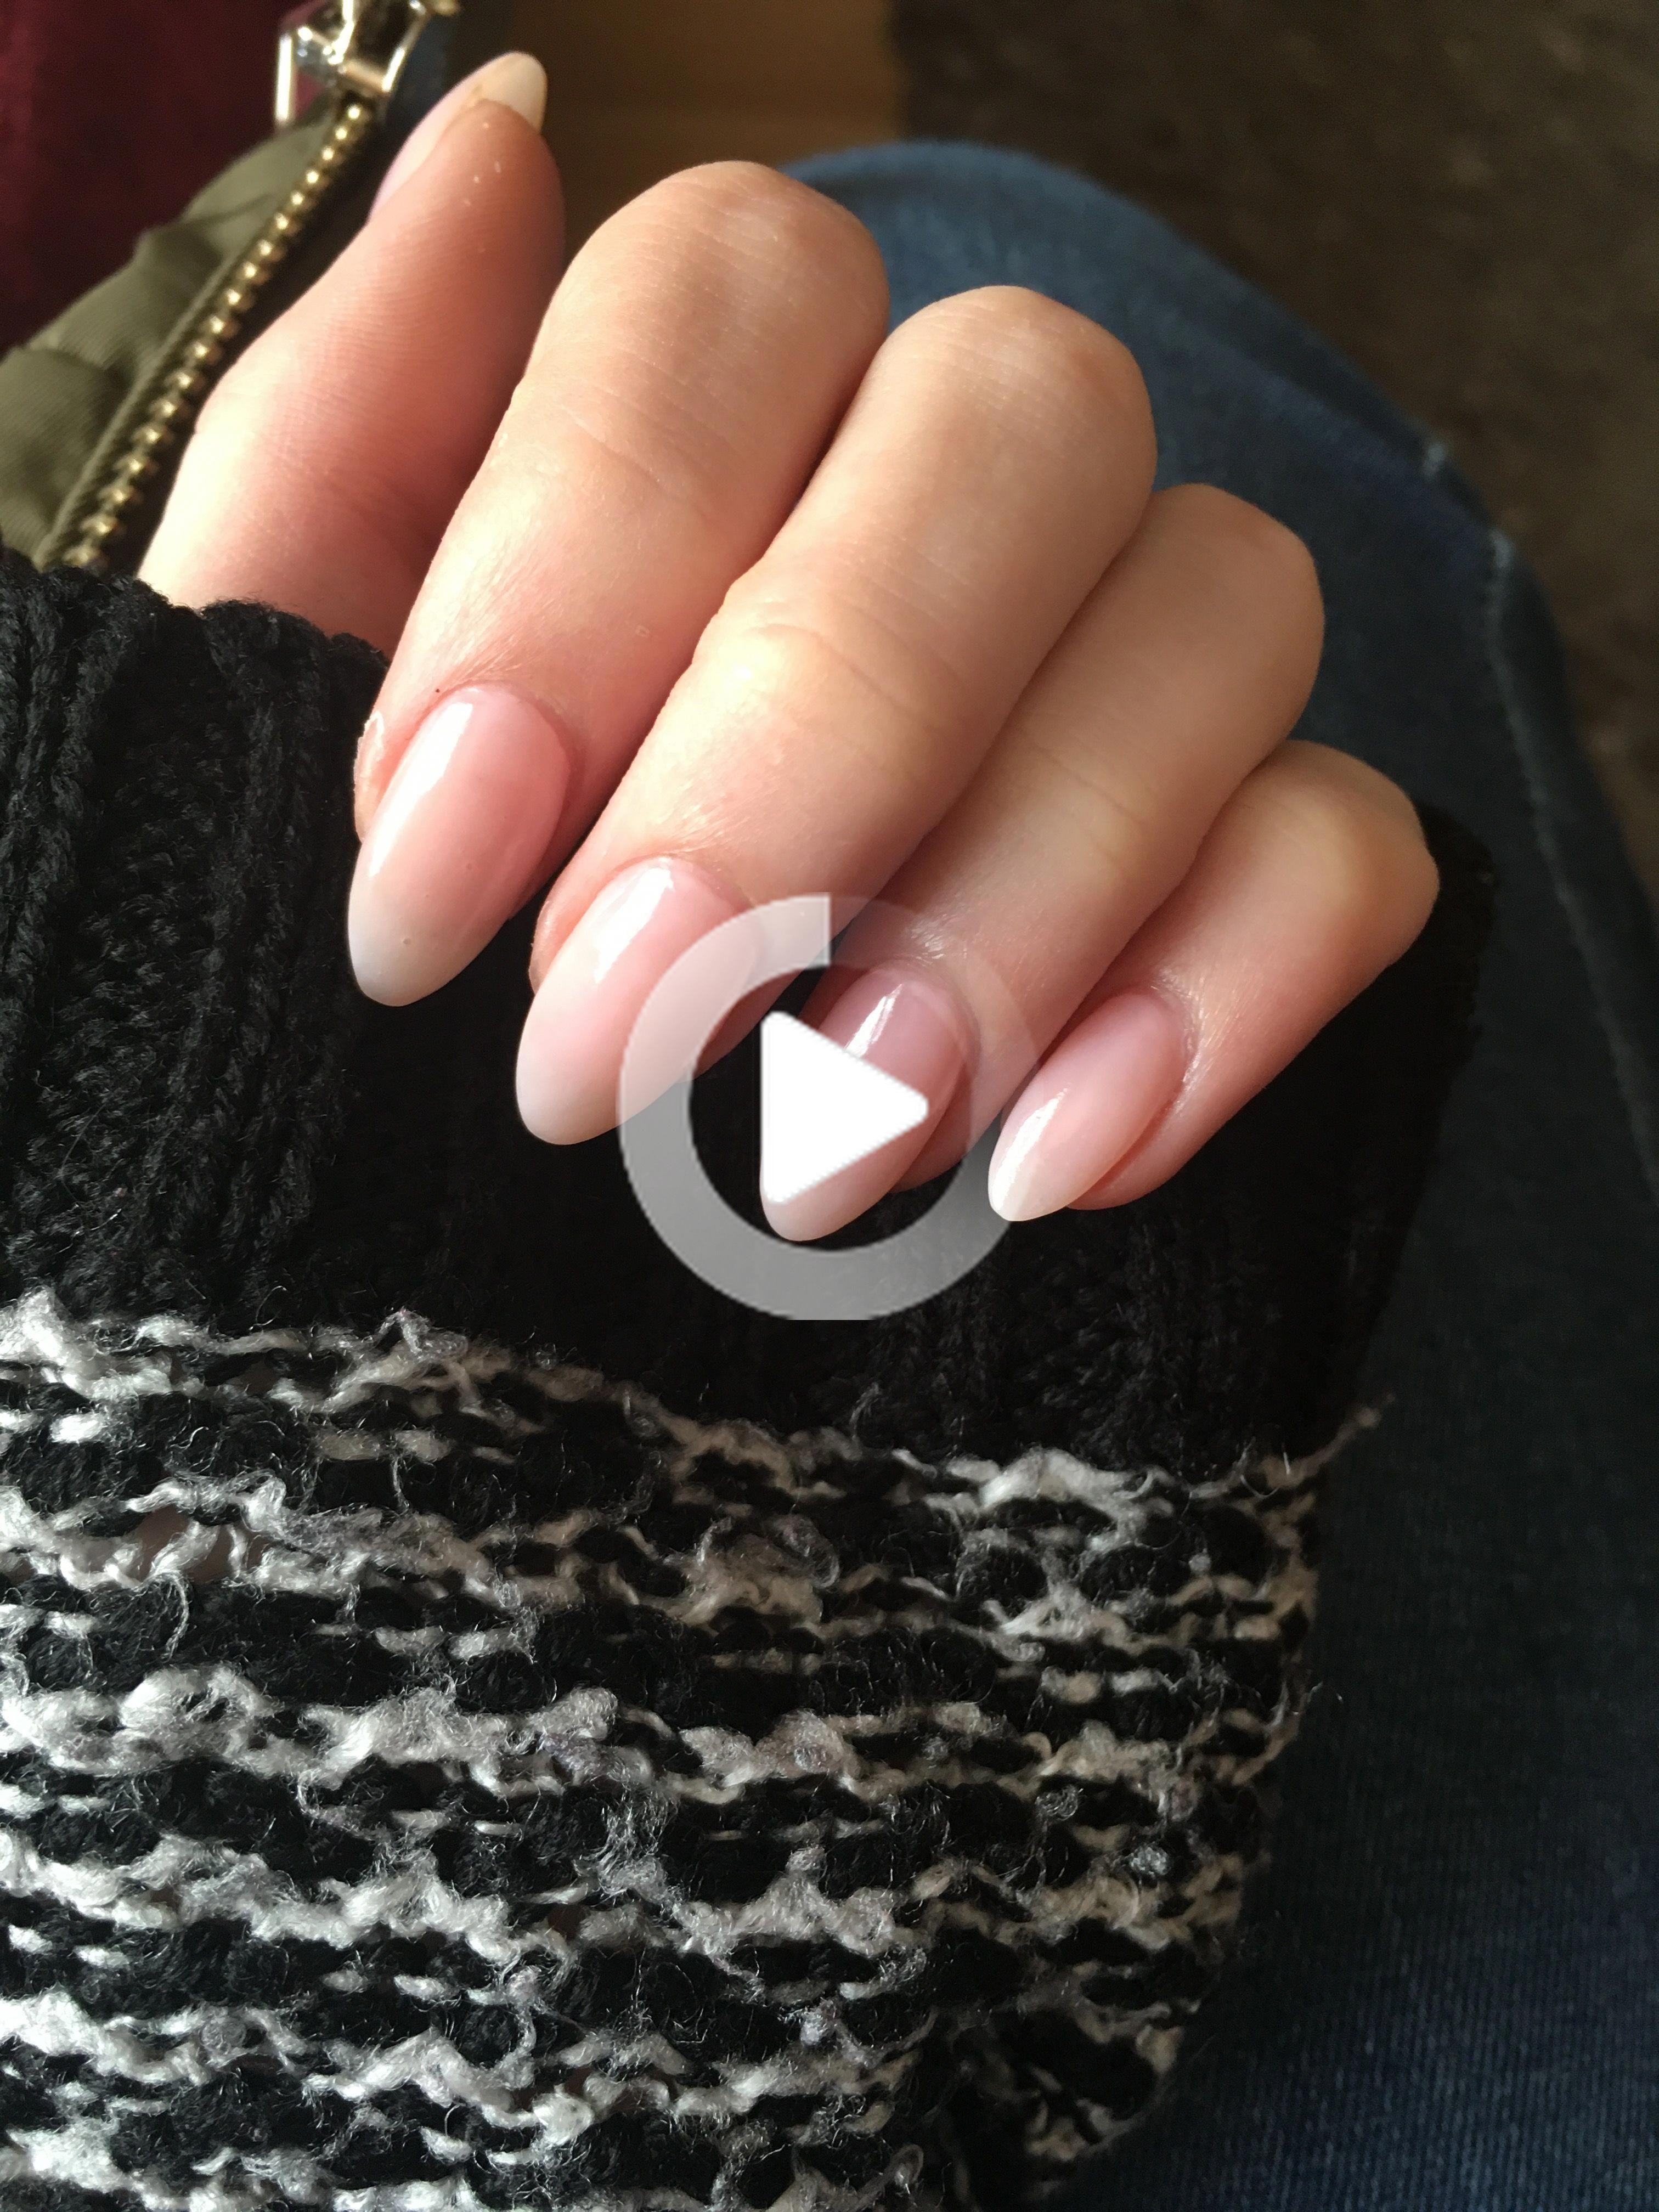 Sheer Pink/Natural acrylic almond nails  #acrylicnails #AcrylicNailsShort